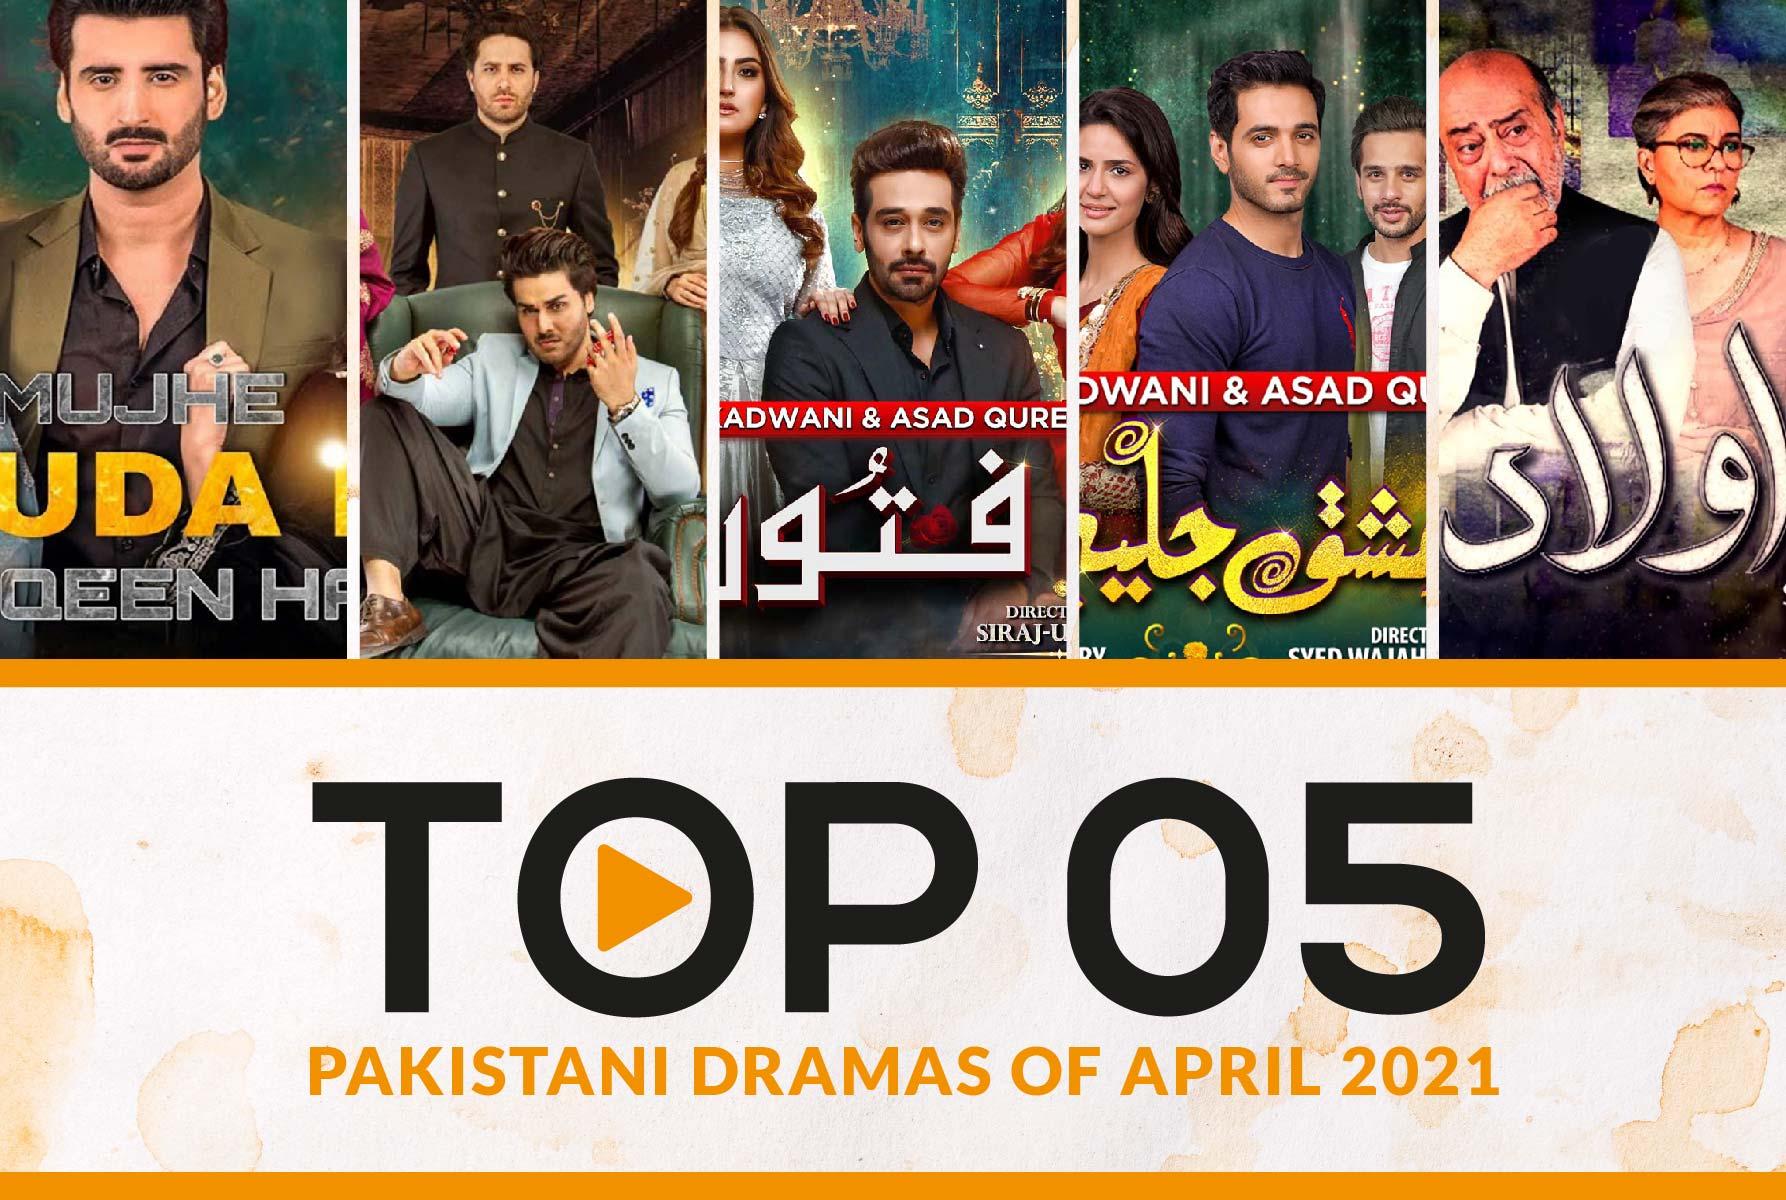 Top 5 Pakistani dramas of April 2021